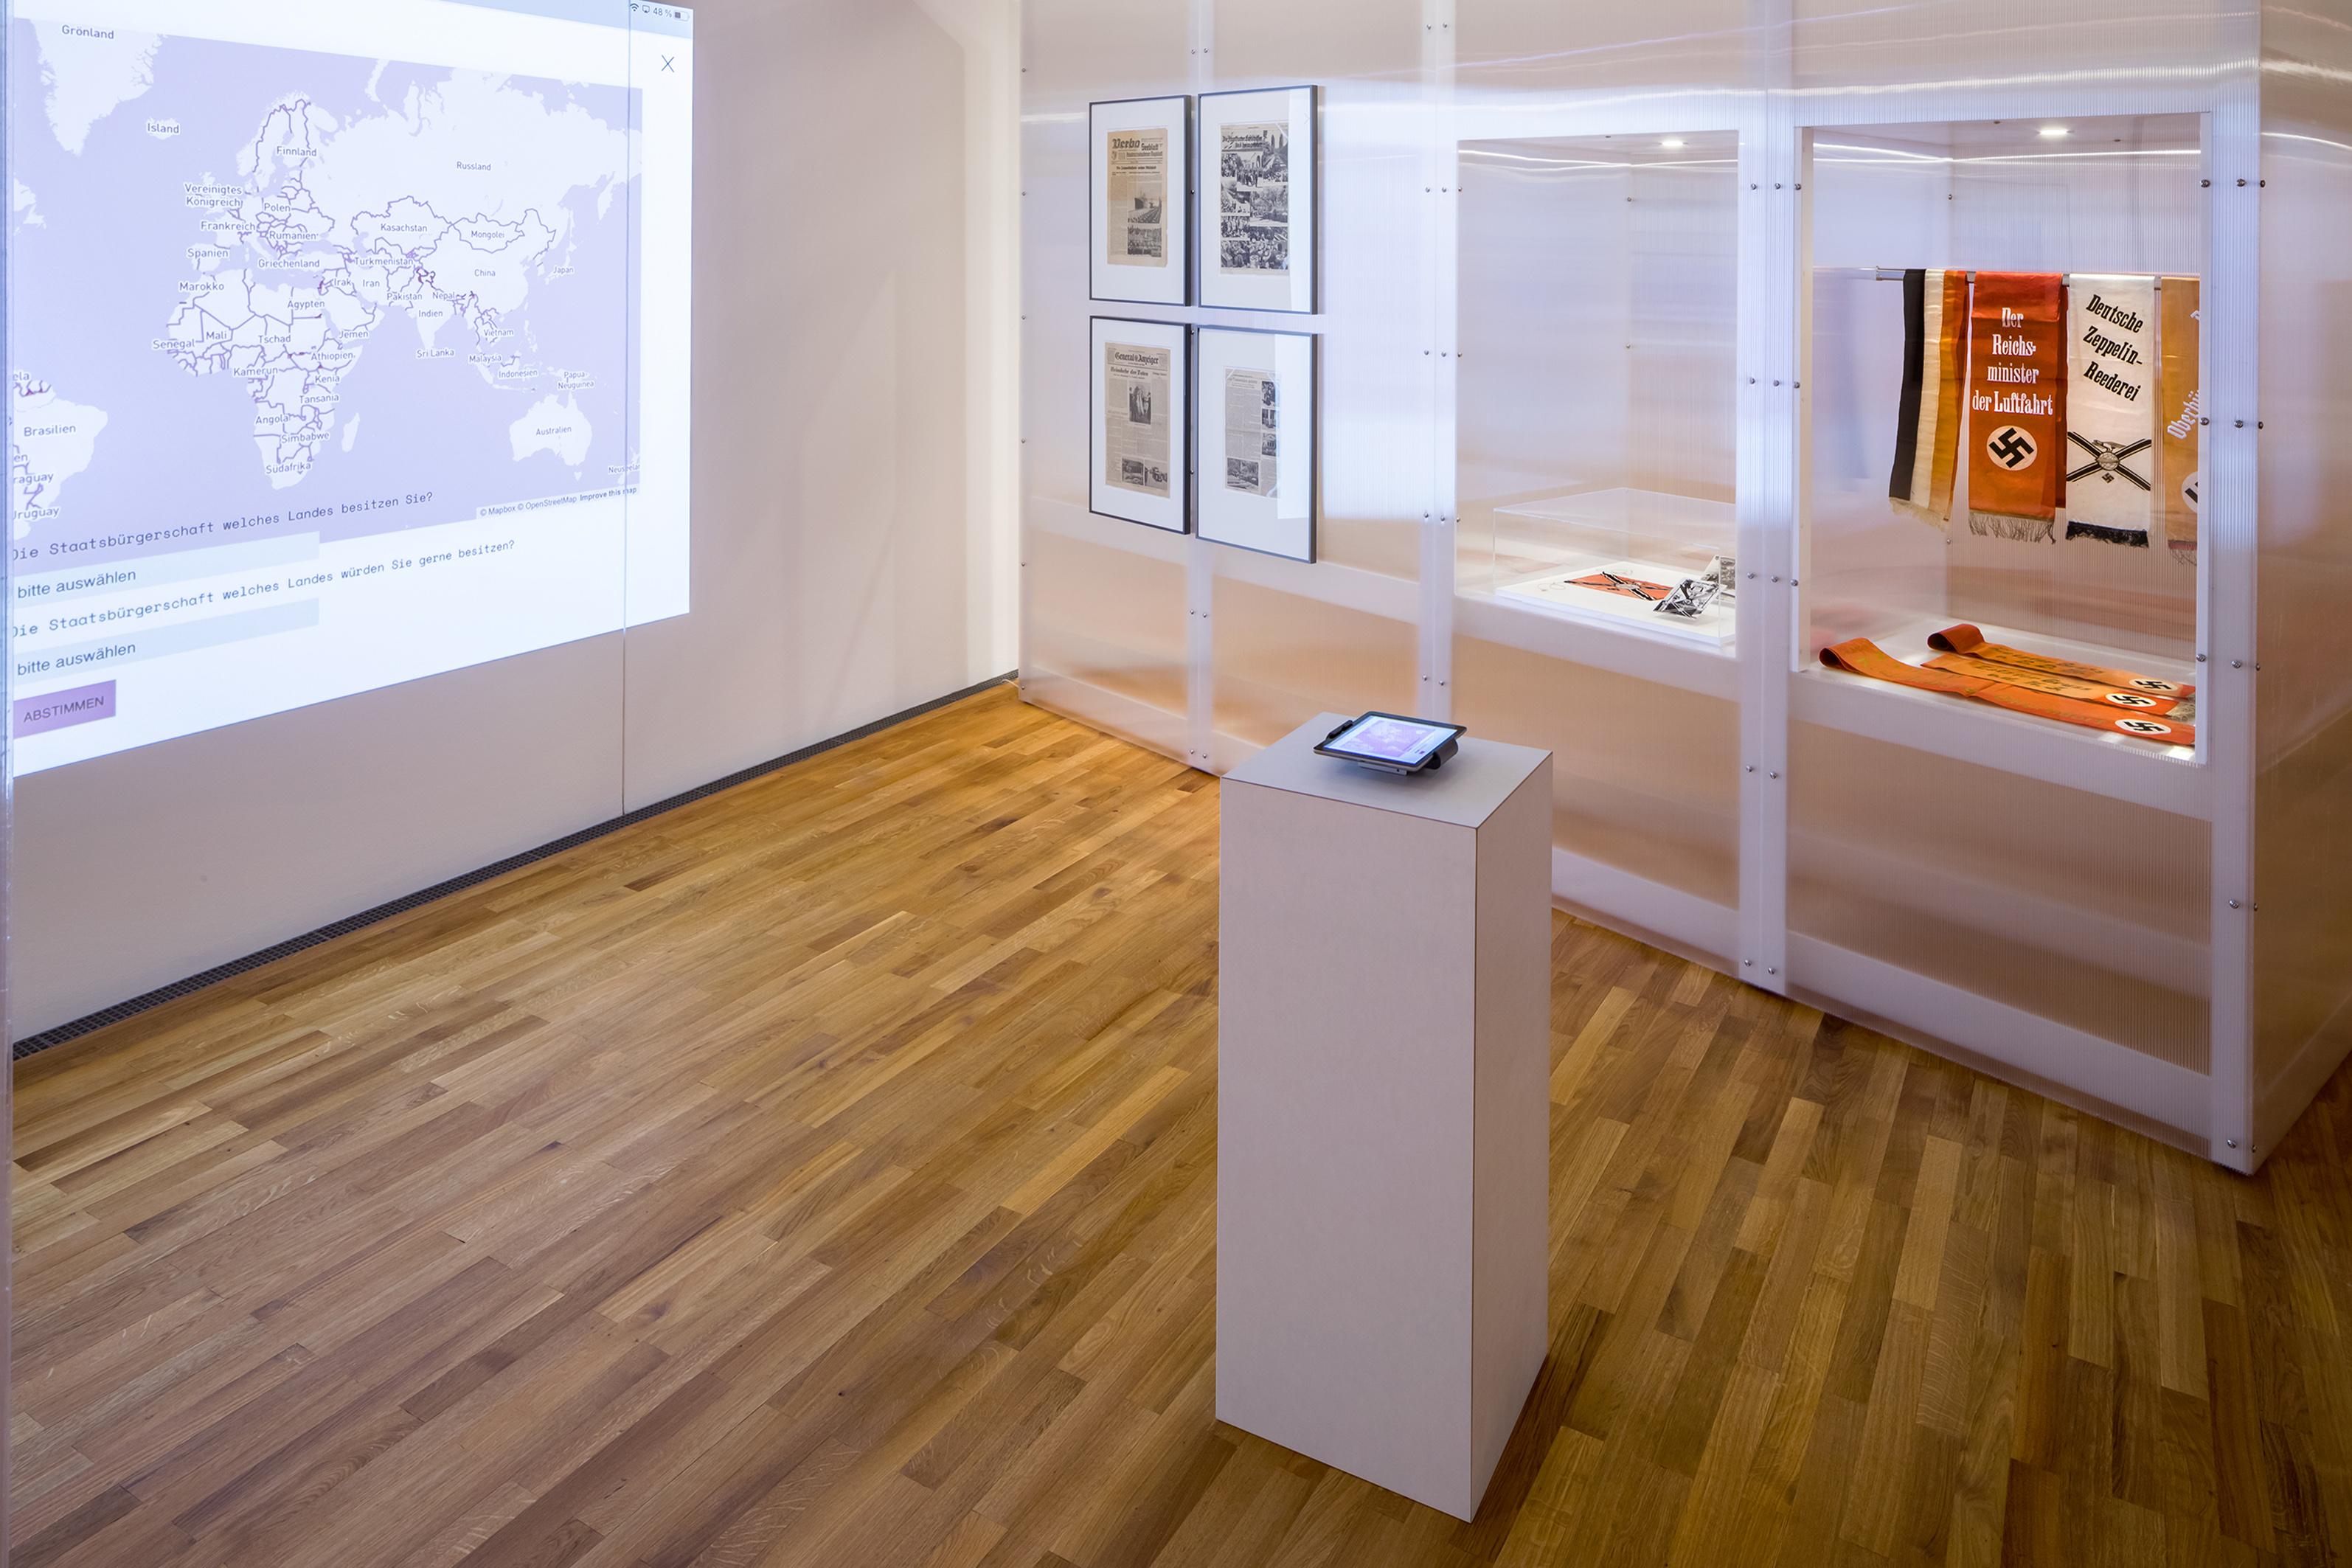 Ausstellungsansicht Beyond States 2021, Staatssymbole, Zeppelin Museum, © Foto Tretter